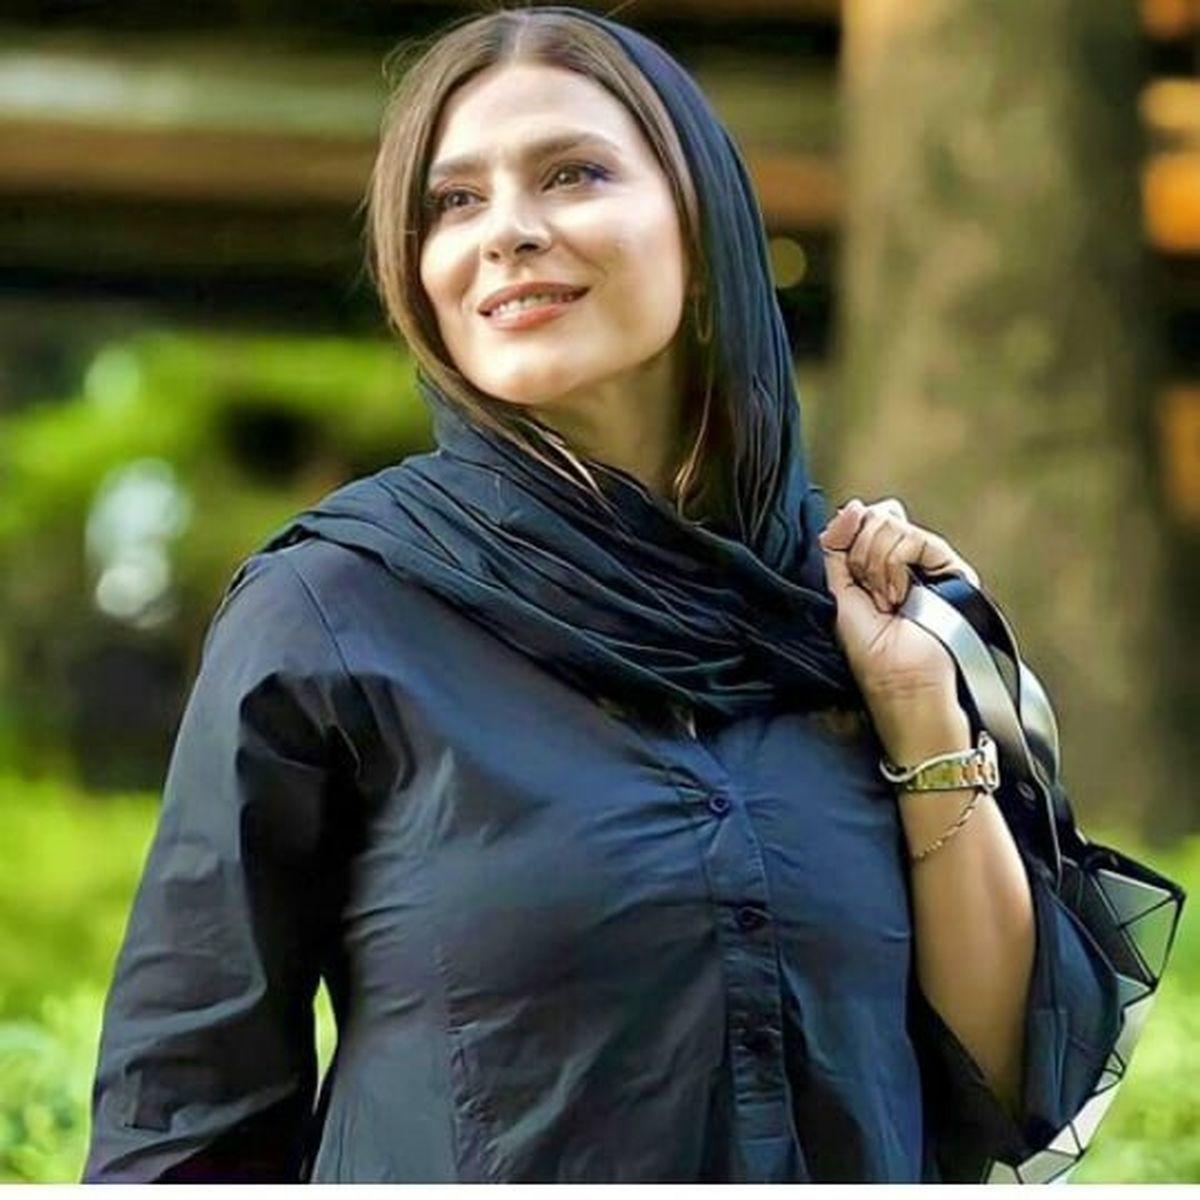 پست حمایتی سحر دولتشاهی برای همایون شجریان + عکس